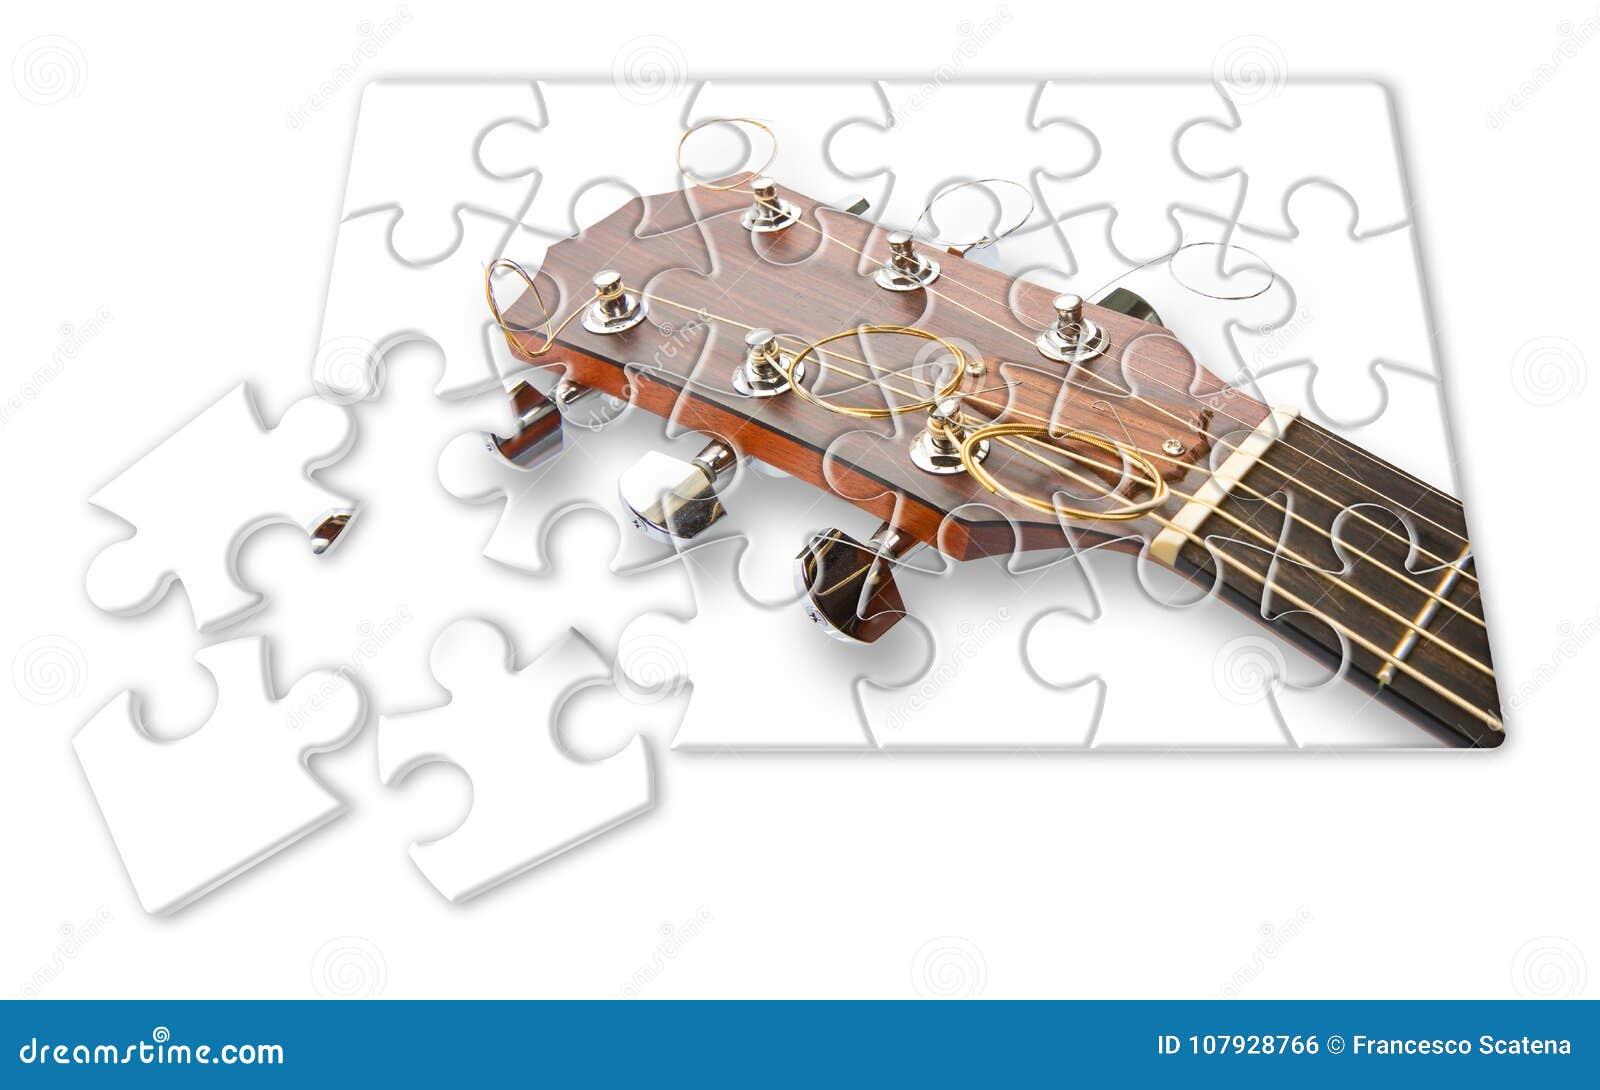 Ponto por ponto aprendendo jogar a guitarra - imagem do conceito nos gabaritos